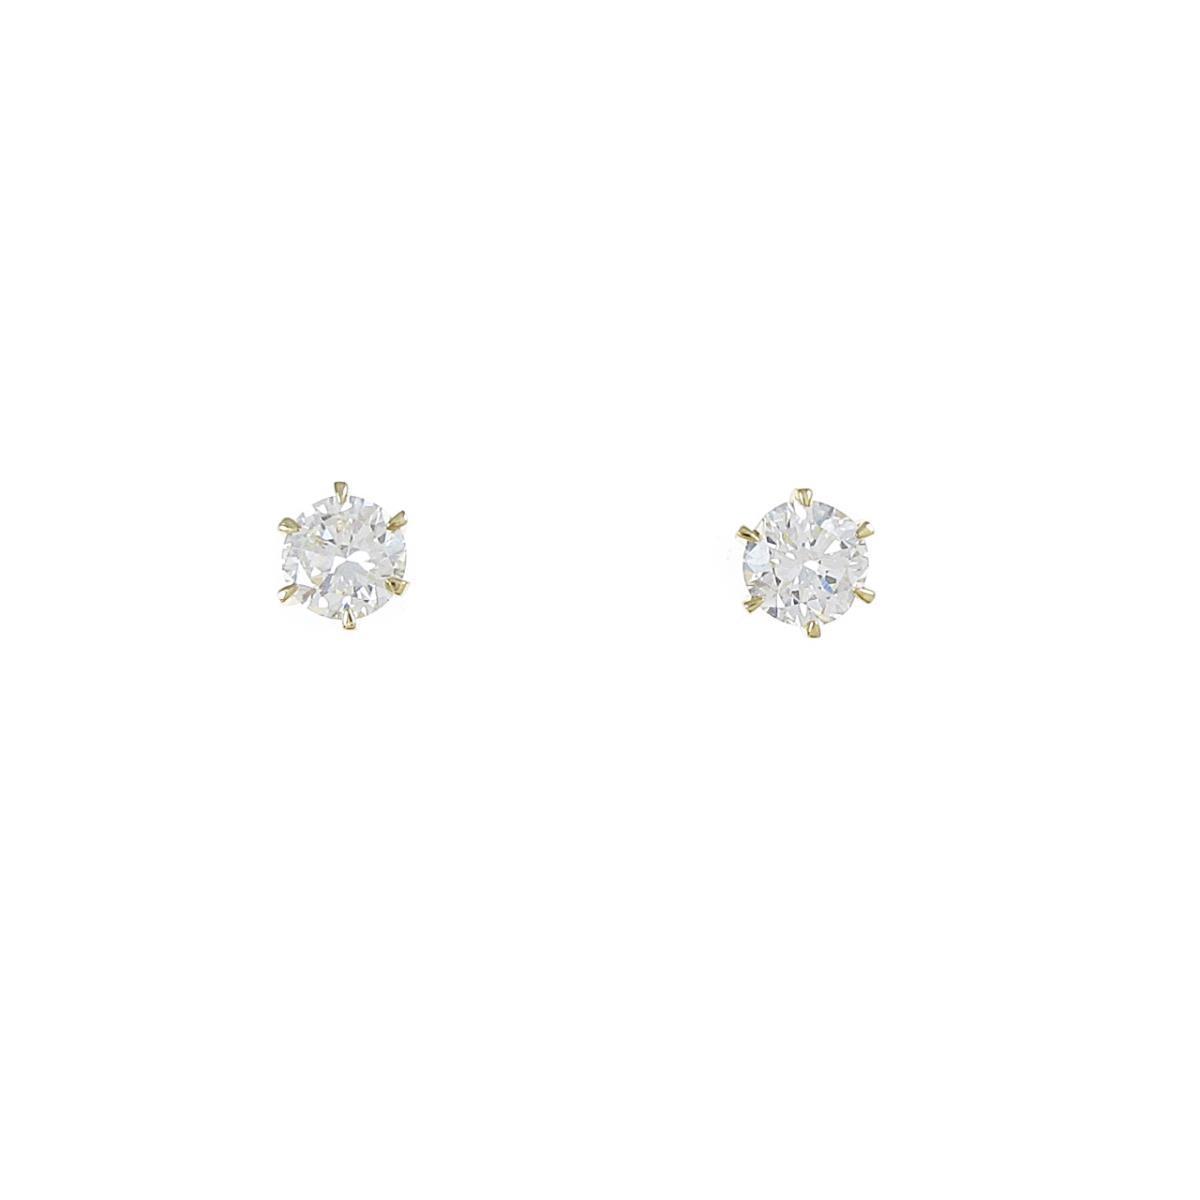 【リメイク】K18YG/ST ダイヤモンドピアス 0.257ct・0.297ct・H-I・VS1-2・GOOD【中古】